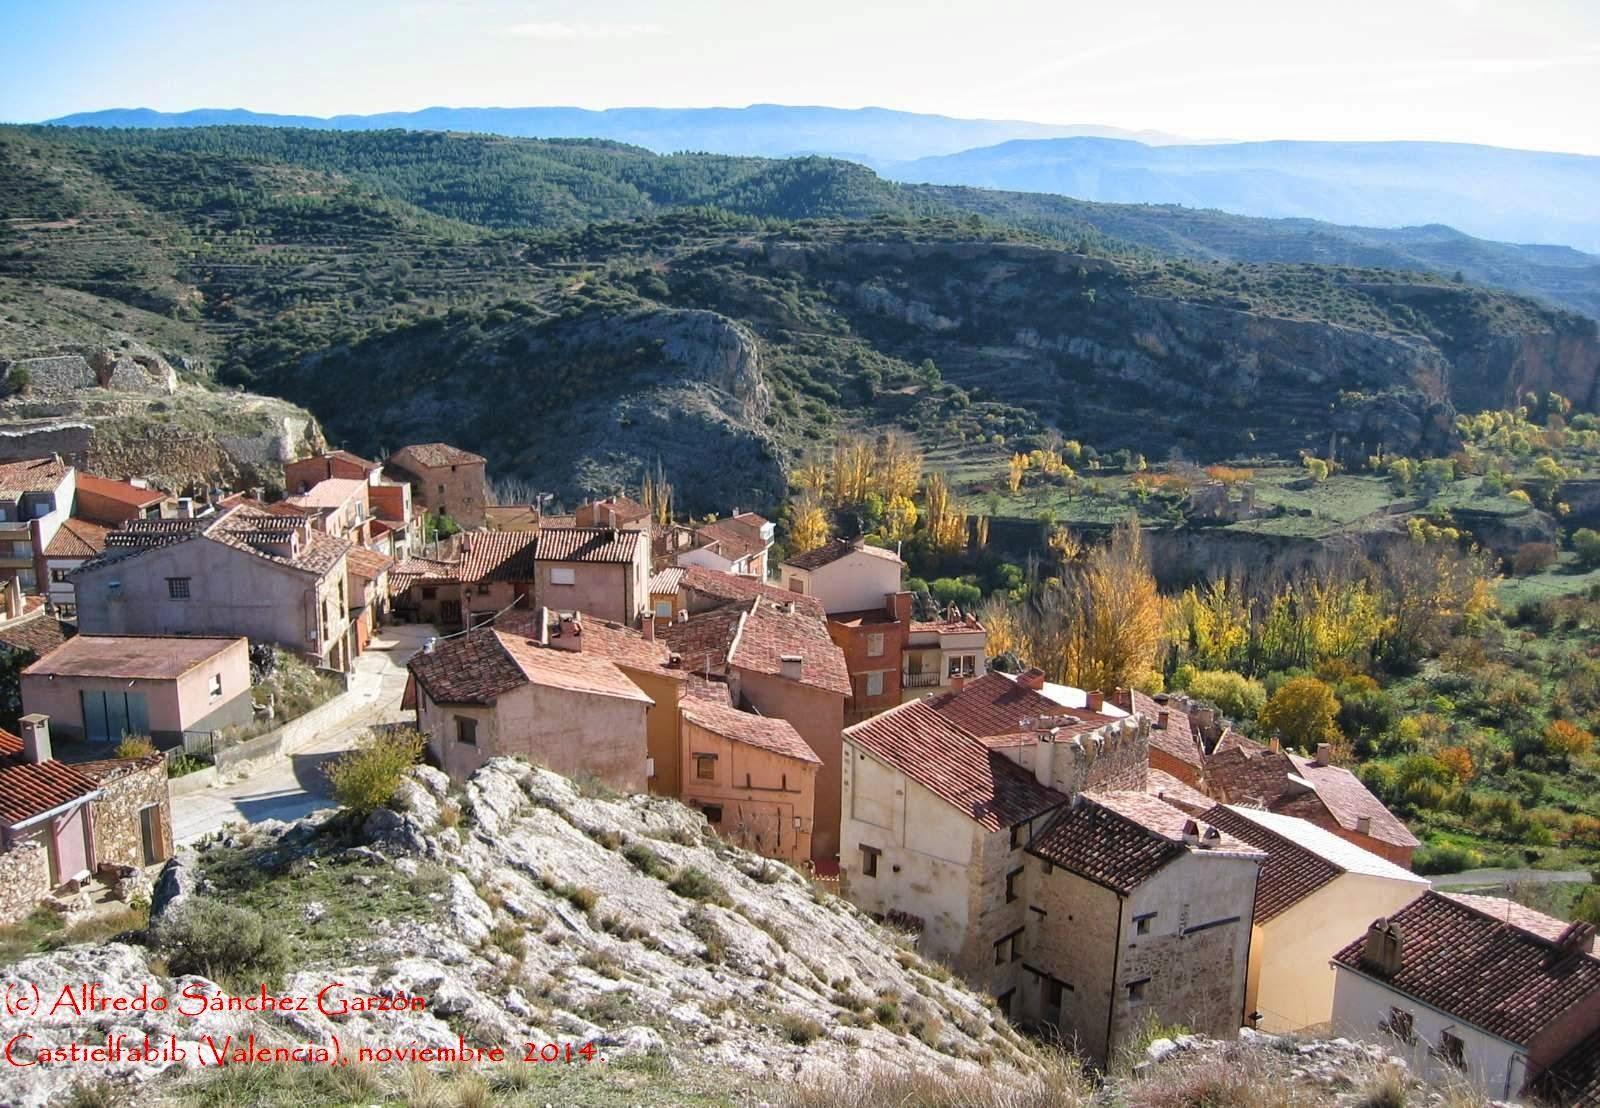 castielfabib-vista-caserio-torreta